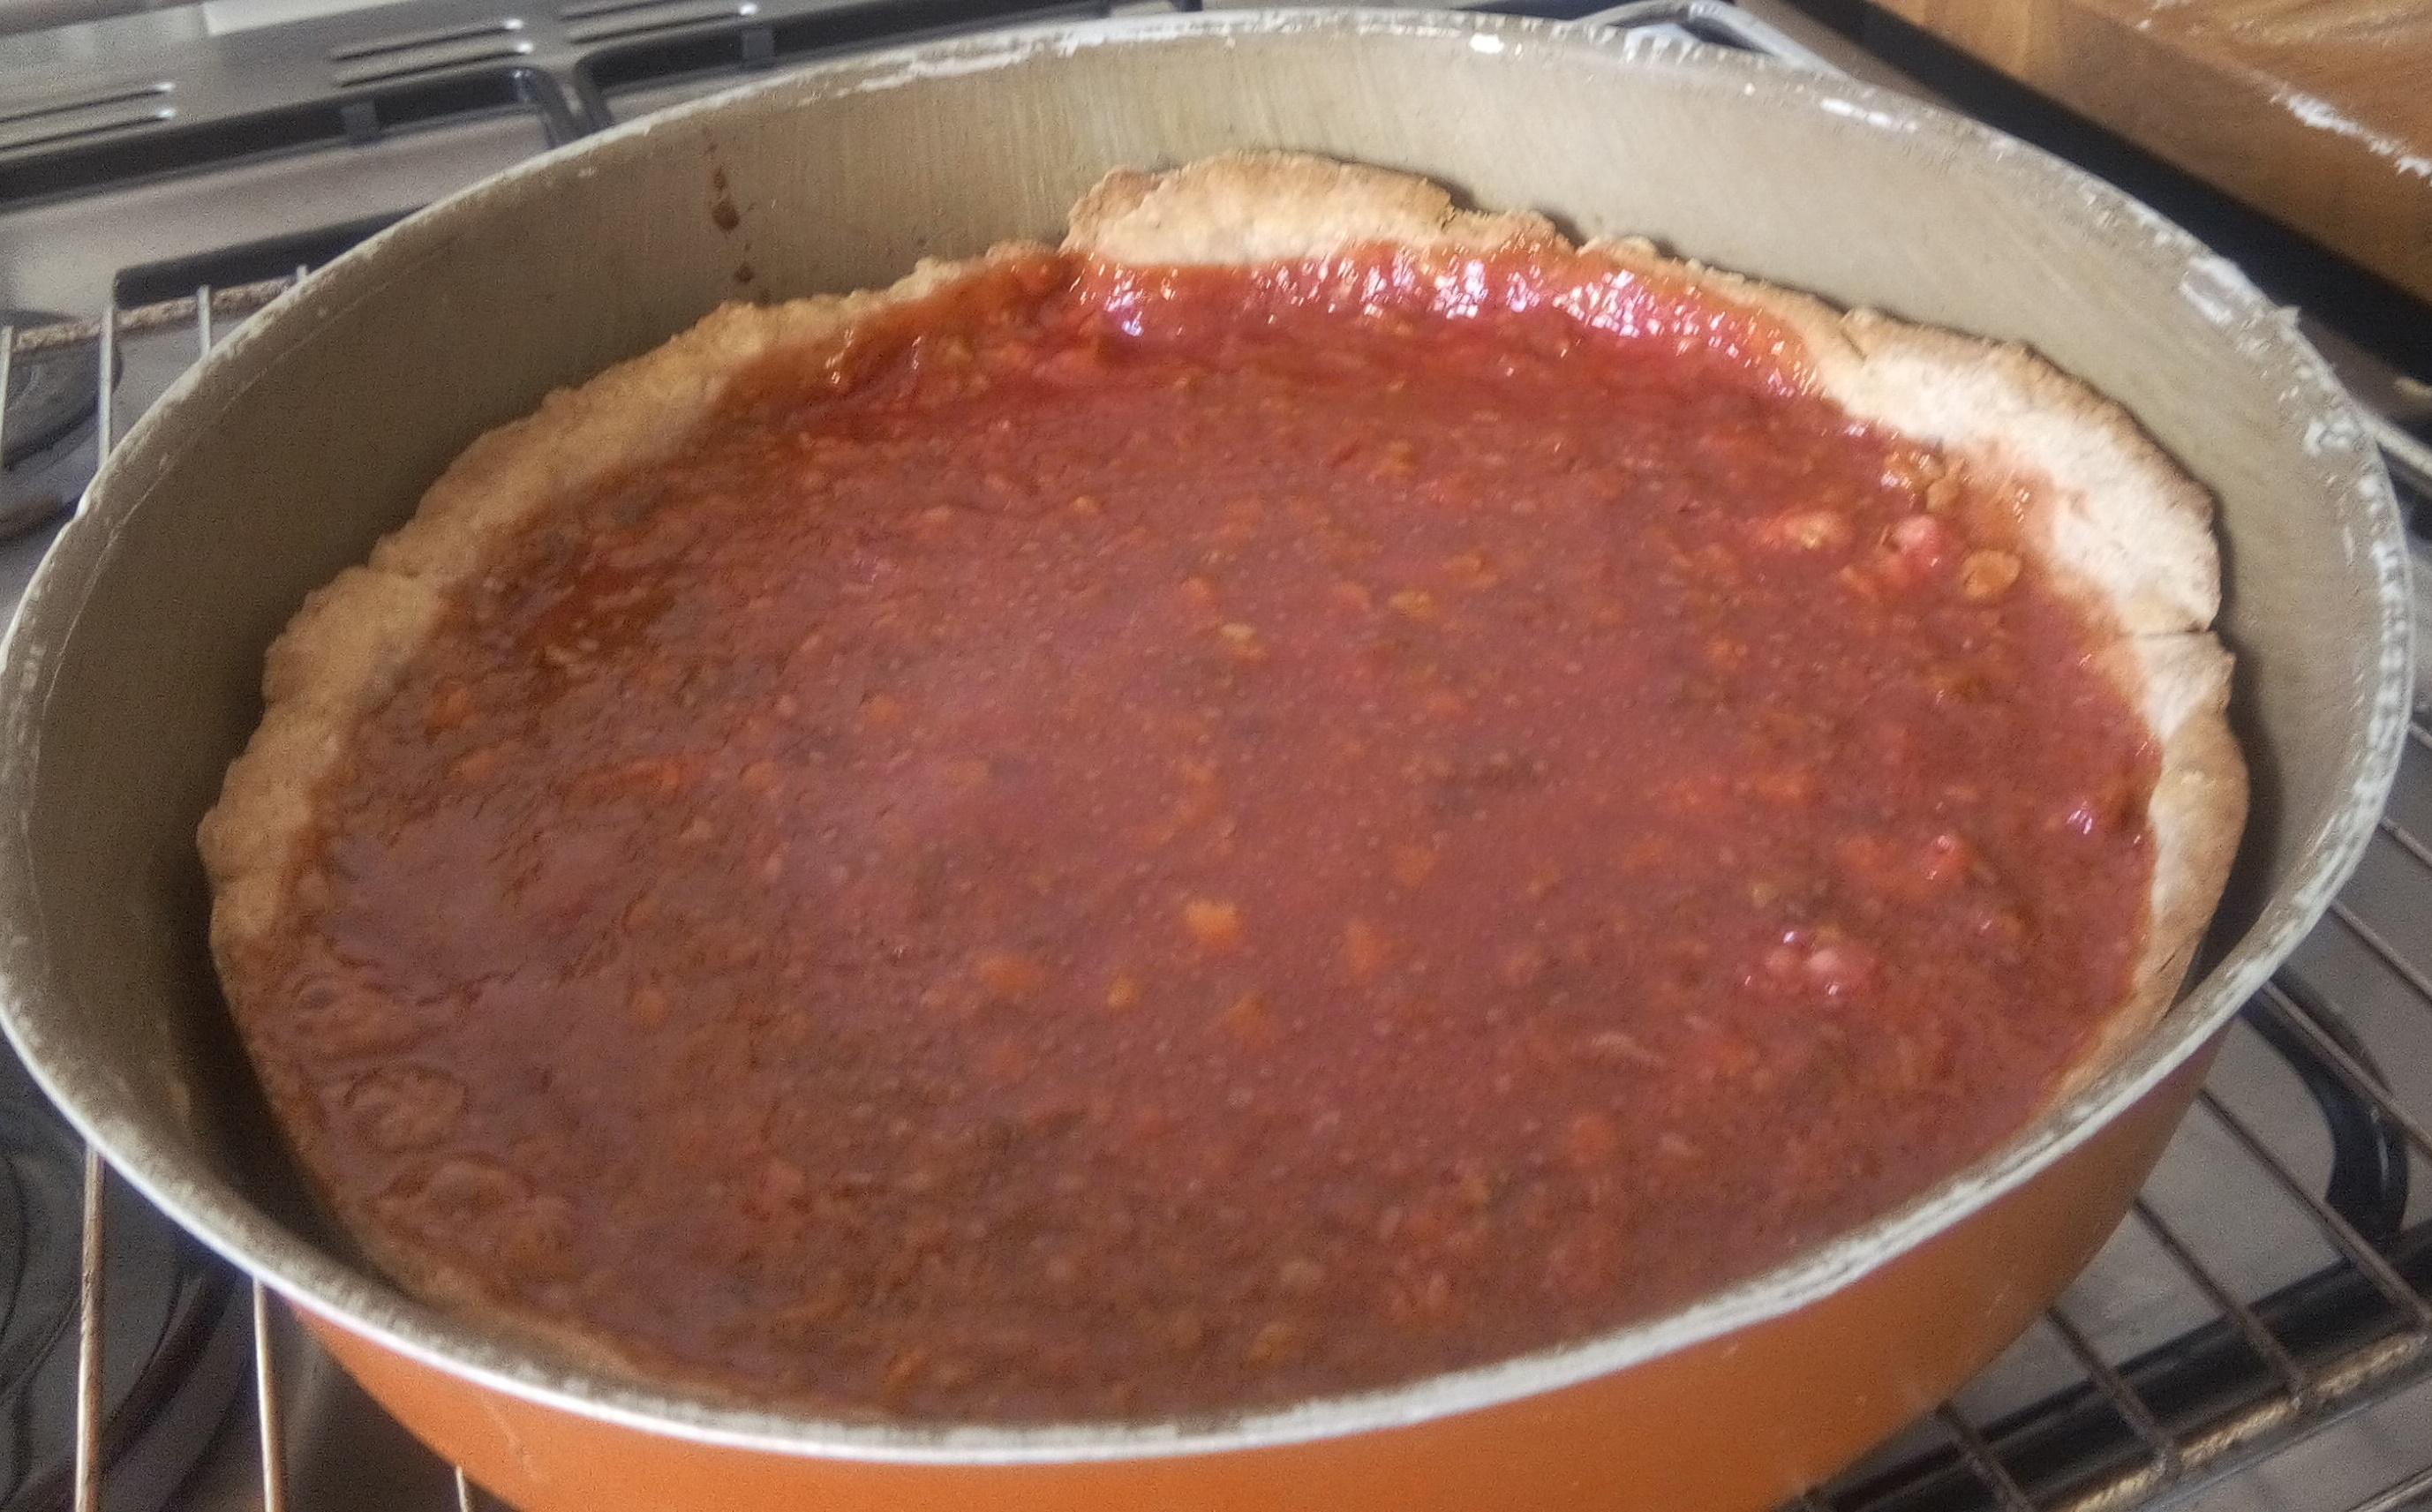 Recette v gane de tarte aux pralines je cuisine vegan for Cuisinier vegan